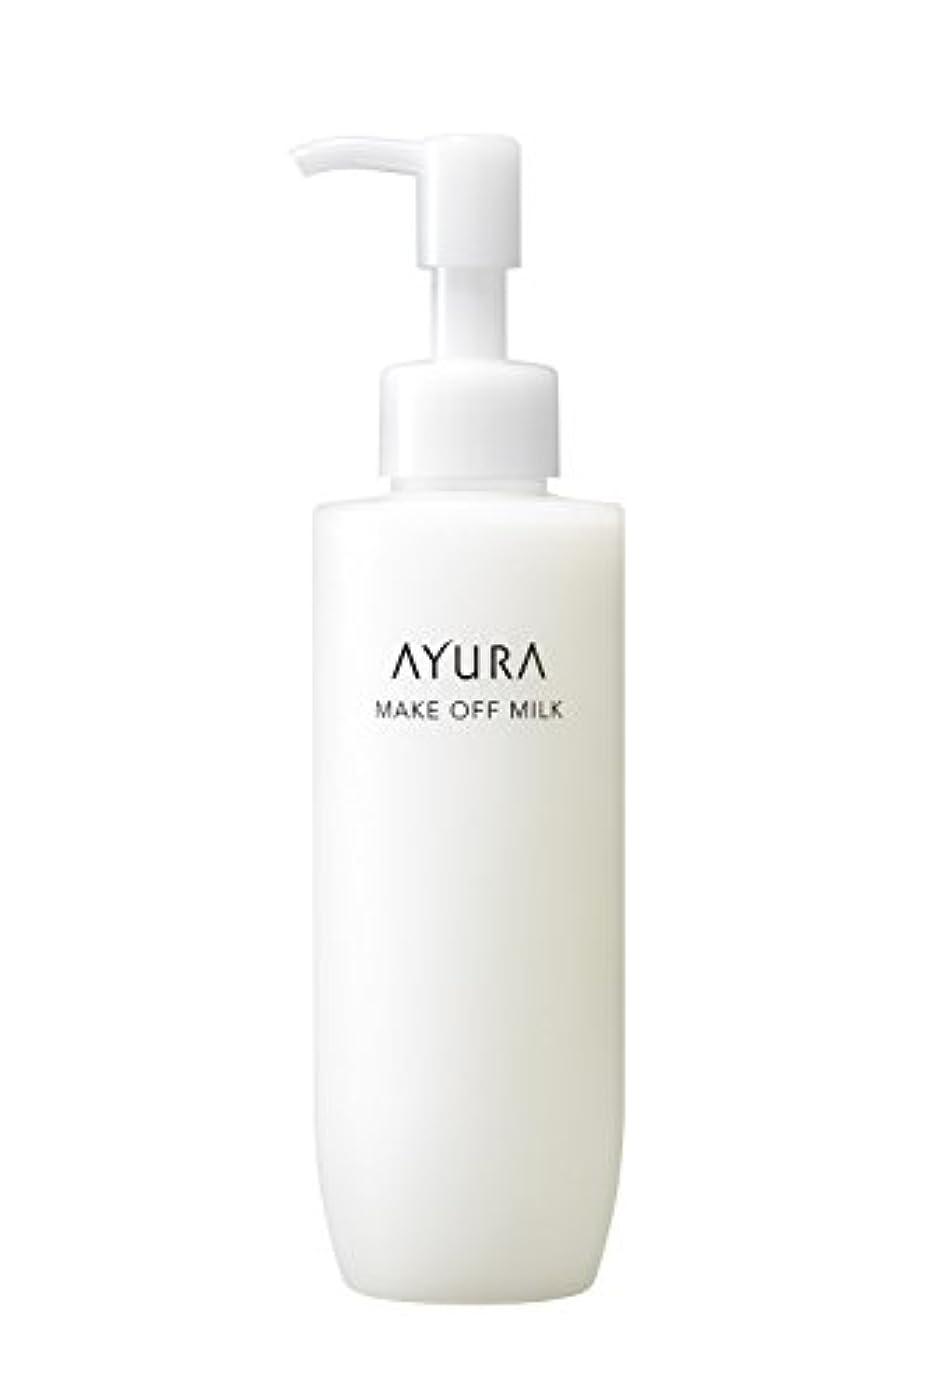 インストラクター姿勢リア王アユーラ (AYURA) メークオフミルク < メイク落とし > 170mL 肌をいたわりながらしっかりオフするミルクタイプ